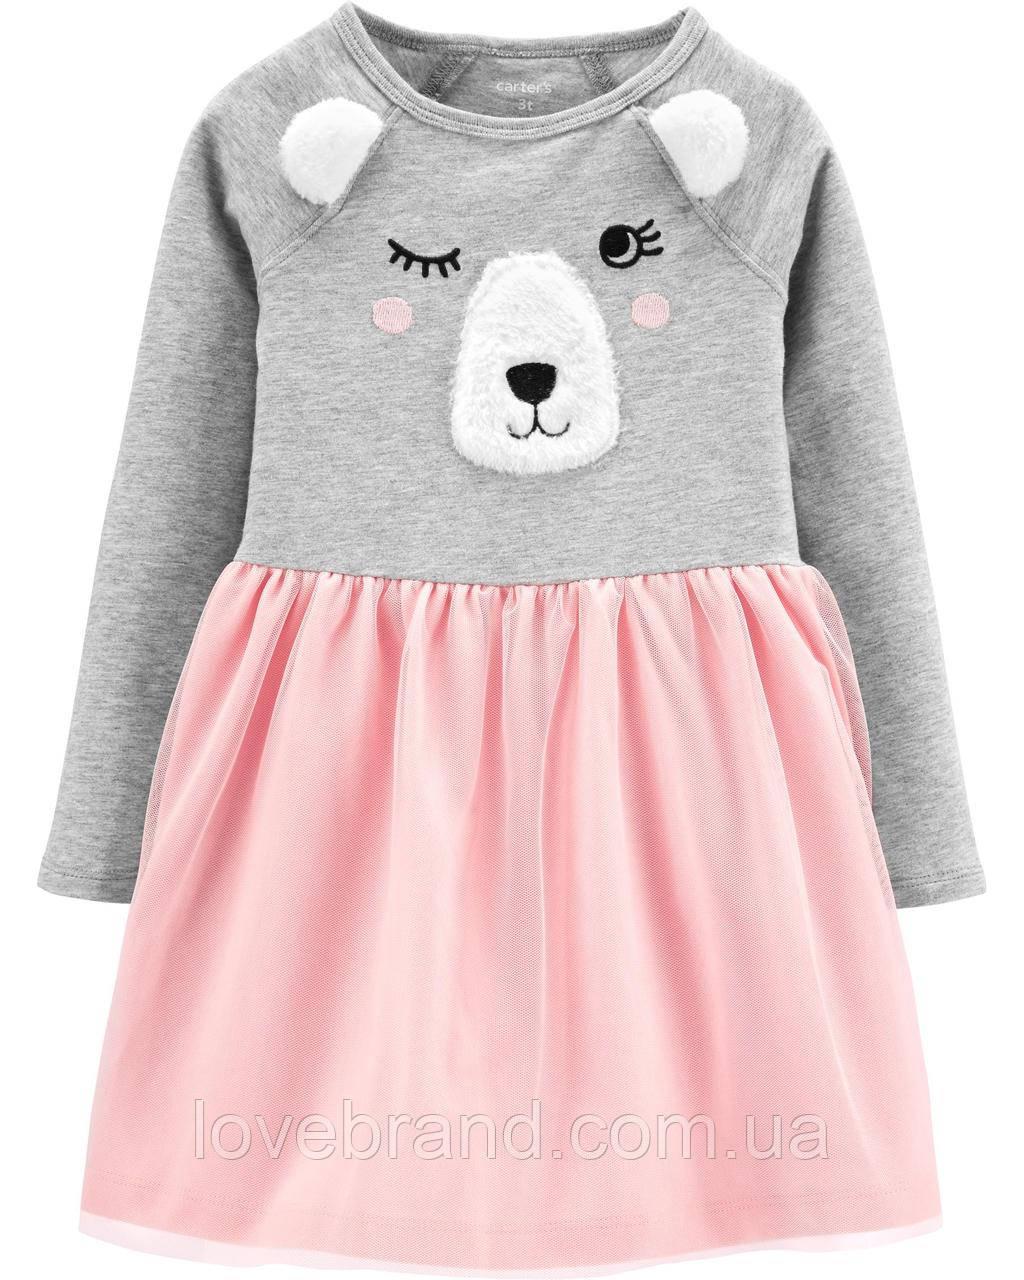 Платье для девочки Carter's с мишуткой, платице детское на длинный рукав с фатиновой юбкой 2Т/86-93